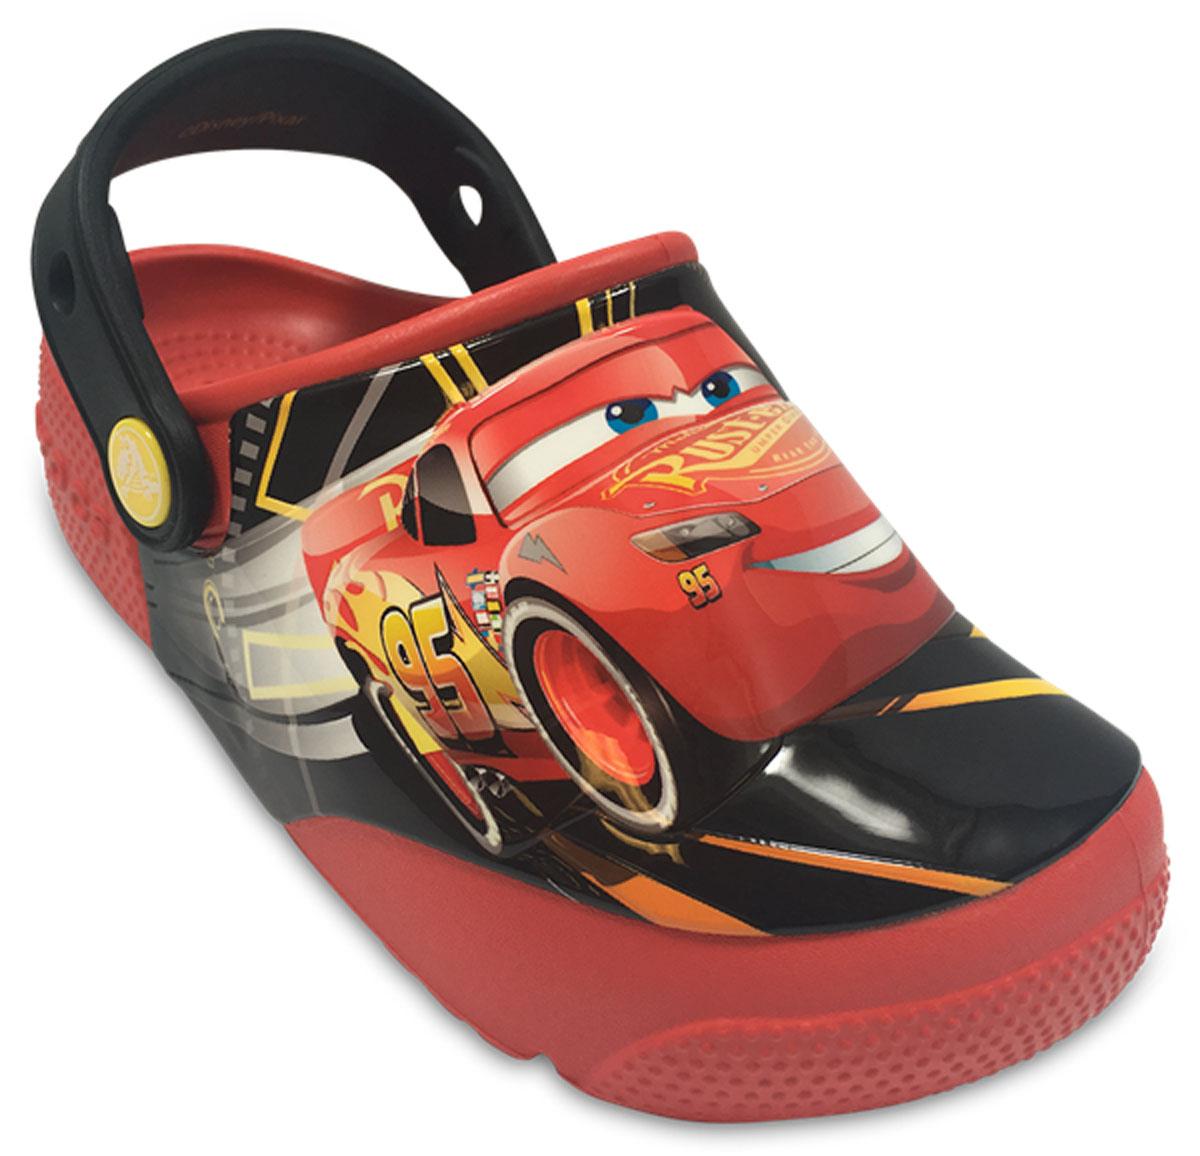 Сабо детские Crocs FunLab Lights Cars 3 Clog, цвет: красный. 204138-8C1. Размер J2 (33/34)204138-8C1